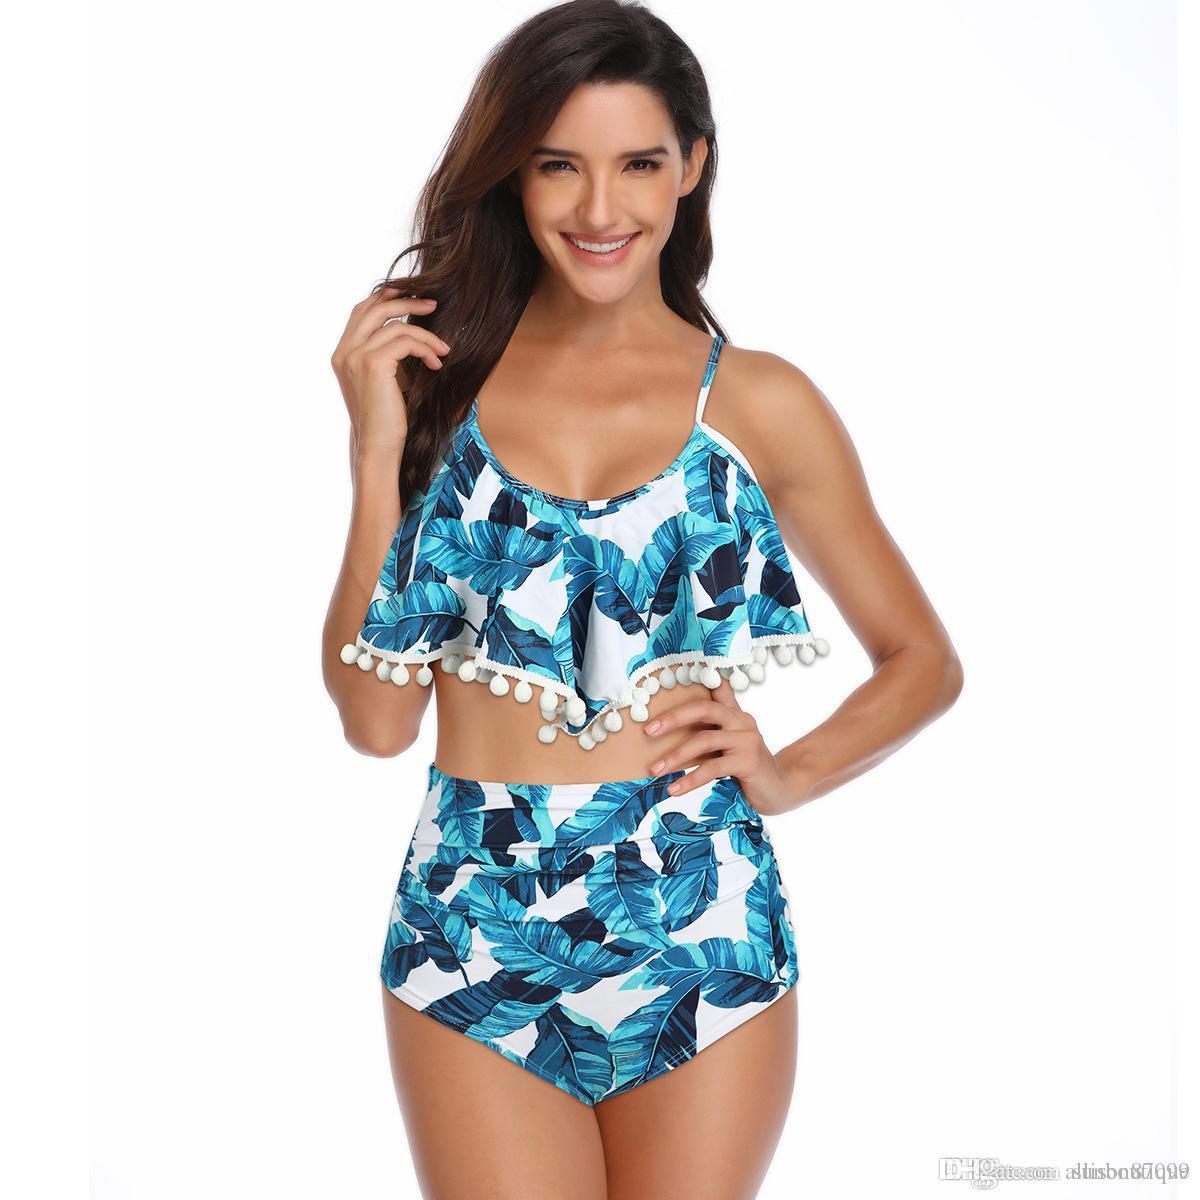 3f7f2d05c326 Acquista Taglie Forti Costumi Da Bagno Bikini Costumi Da Bagno Con Balze  Arruffate In Pizzo Foglia Floreale Senza Schienale Vita Alta Imbottito  Senza ...